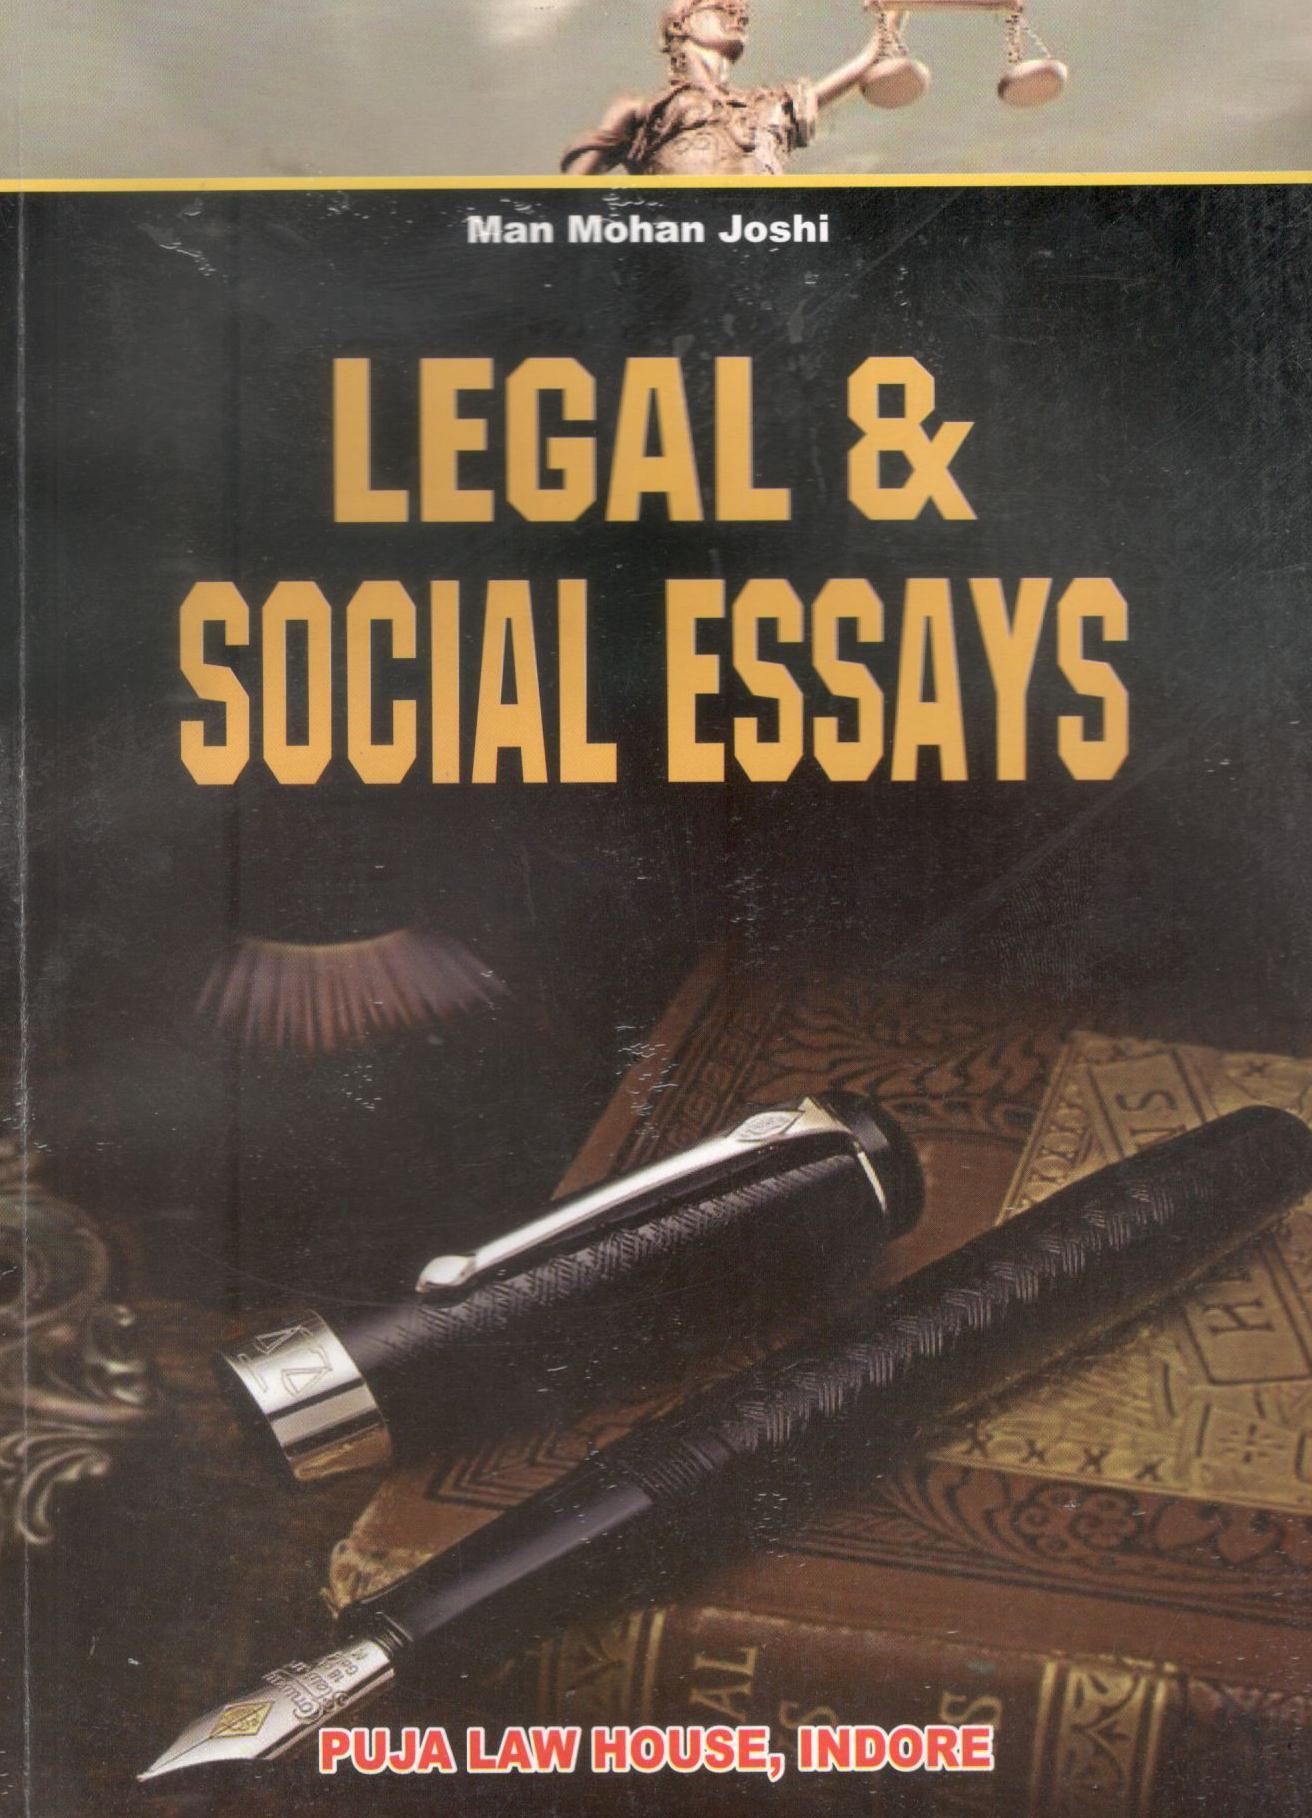 Legal & Social Essays